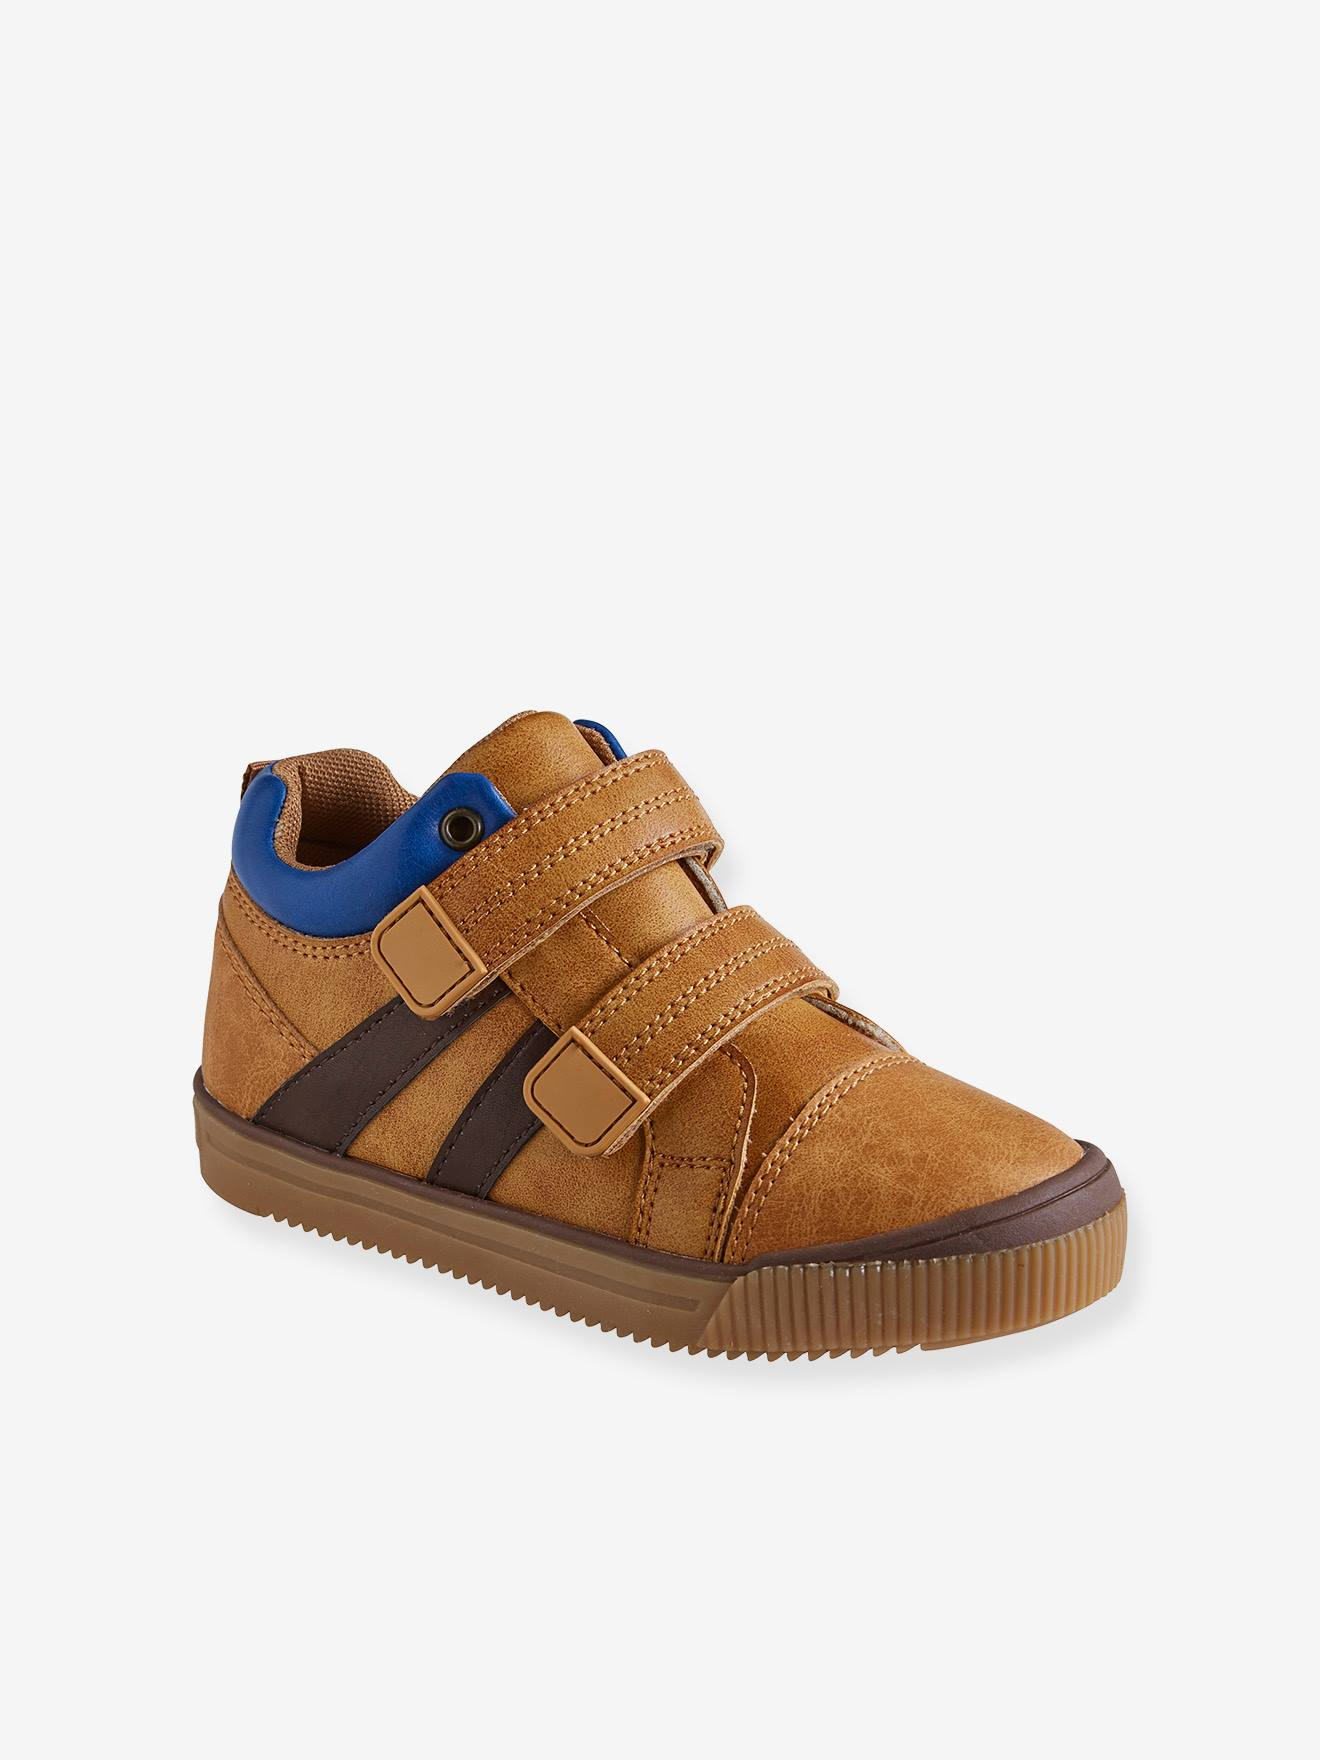 Vertbaudet High Sneakers für Jungen, Klettverschluss in camelfarben